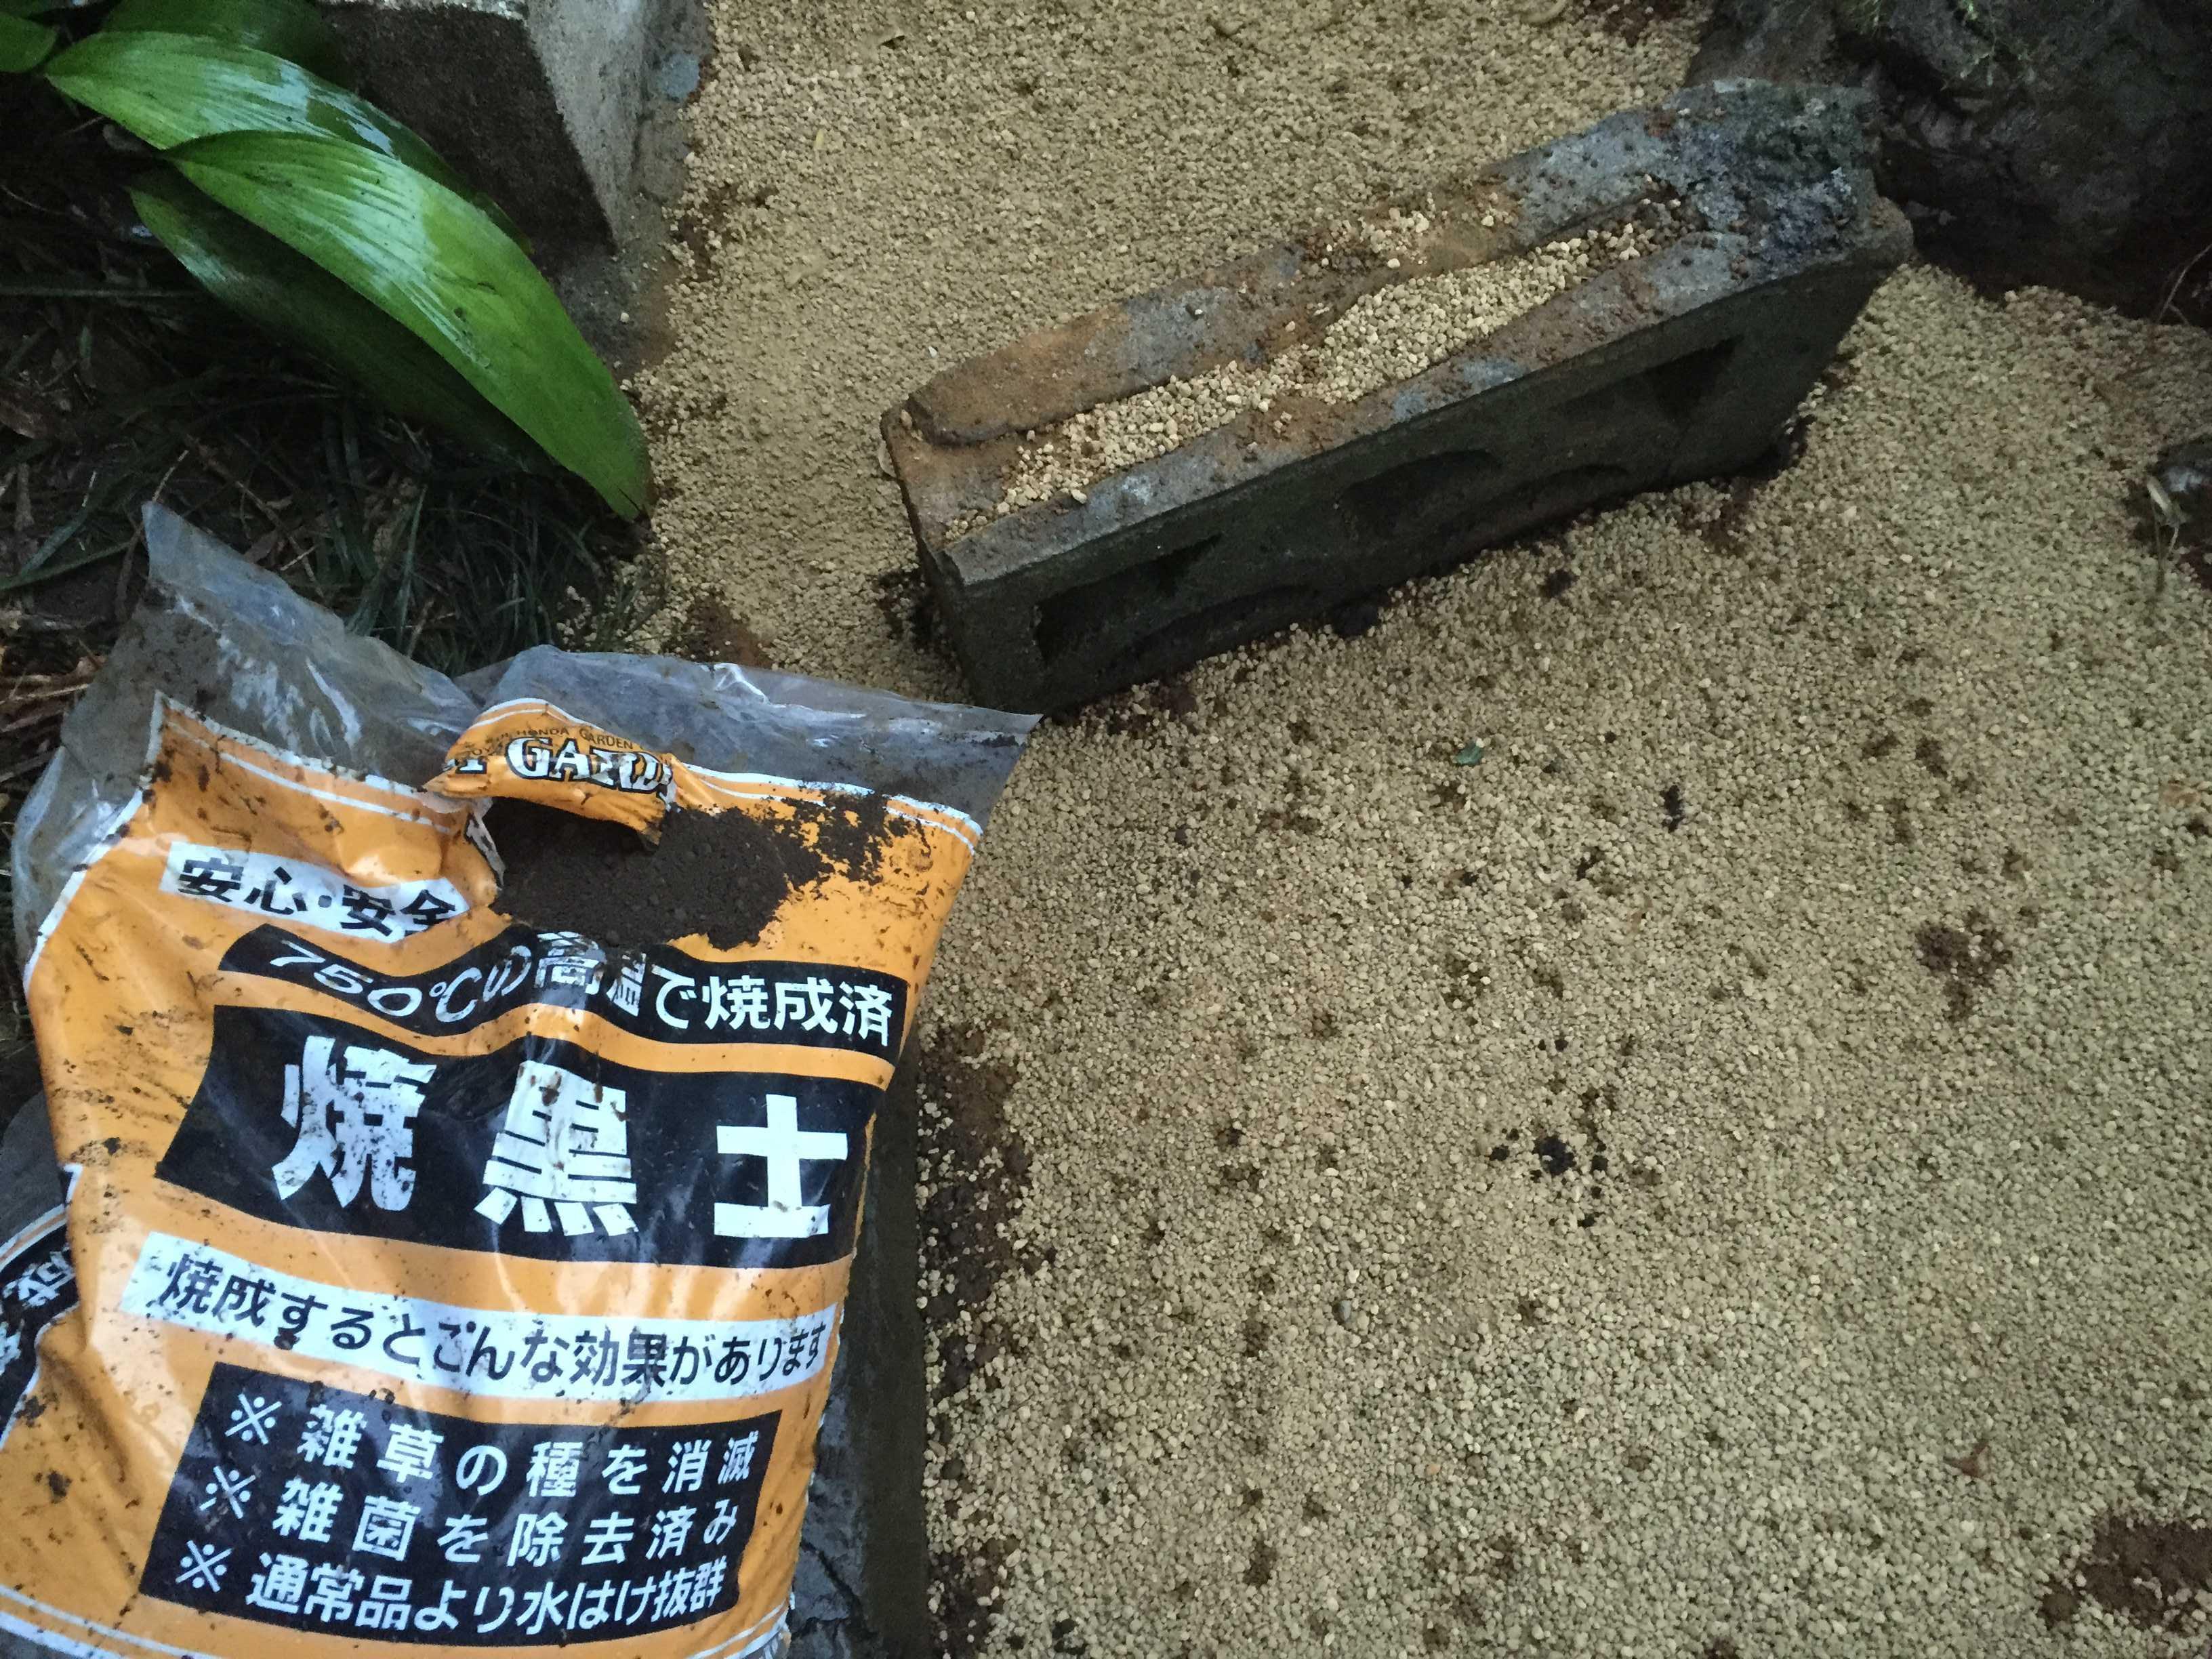 ヤマユリの鱗片定植 - 焼黒土